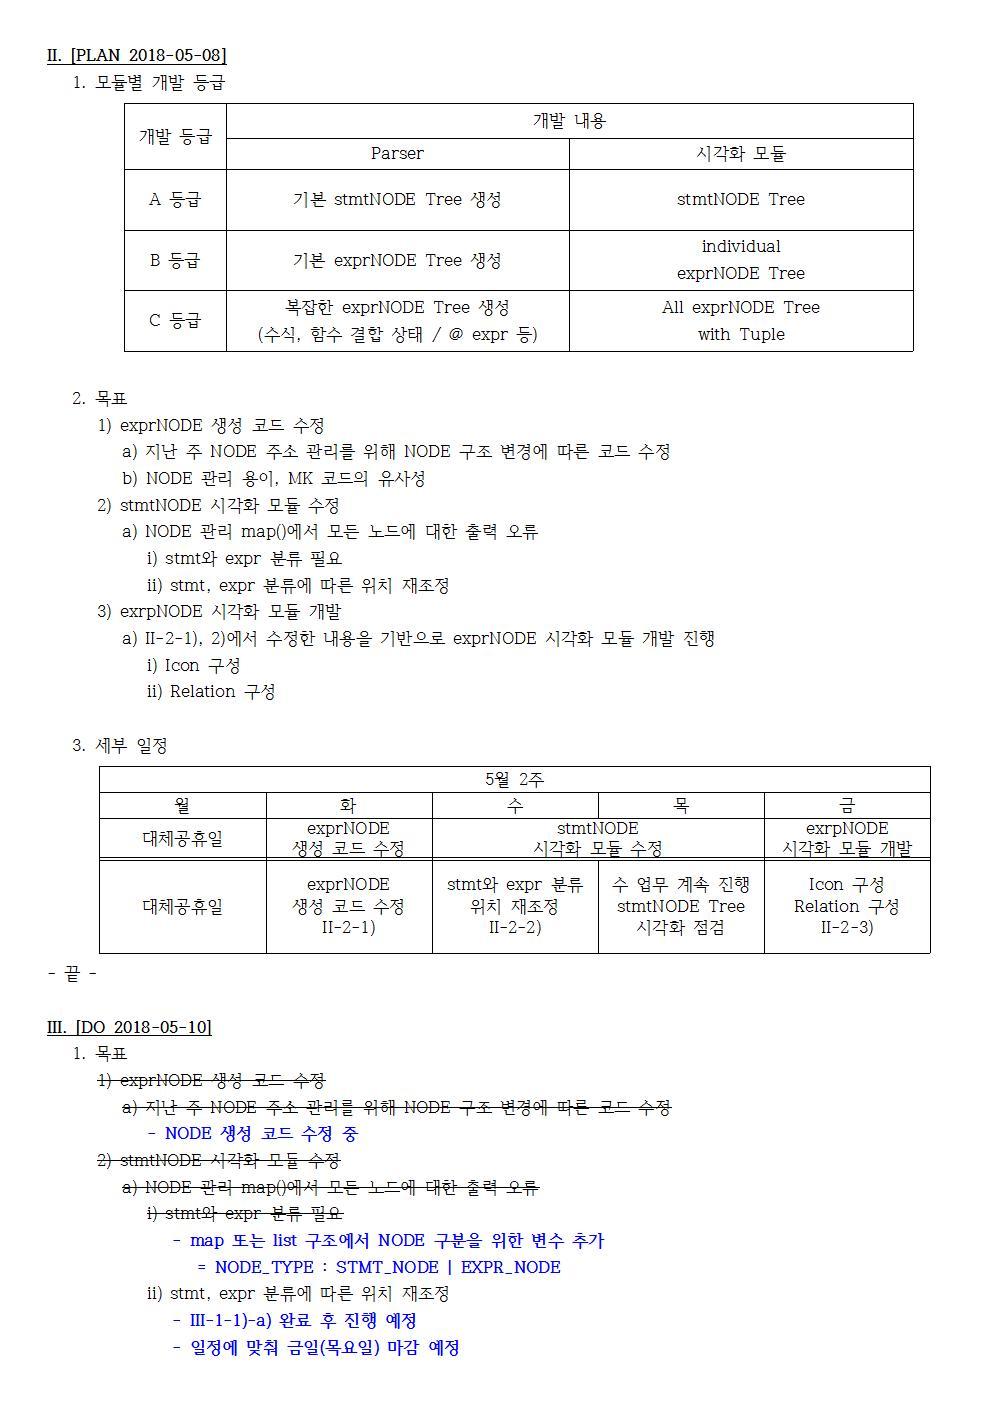 D-[18-003-RD-03]-[SRRE]-[2018-05-11][JS]002.jpg